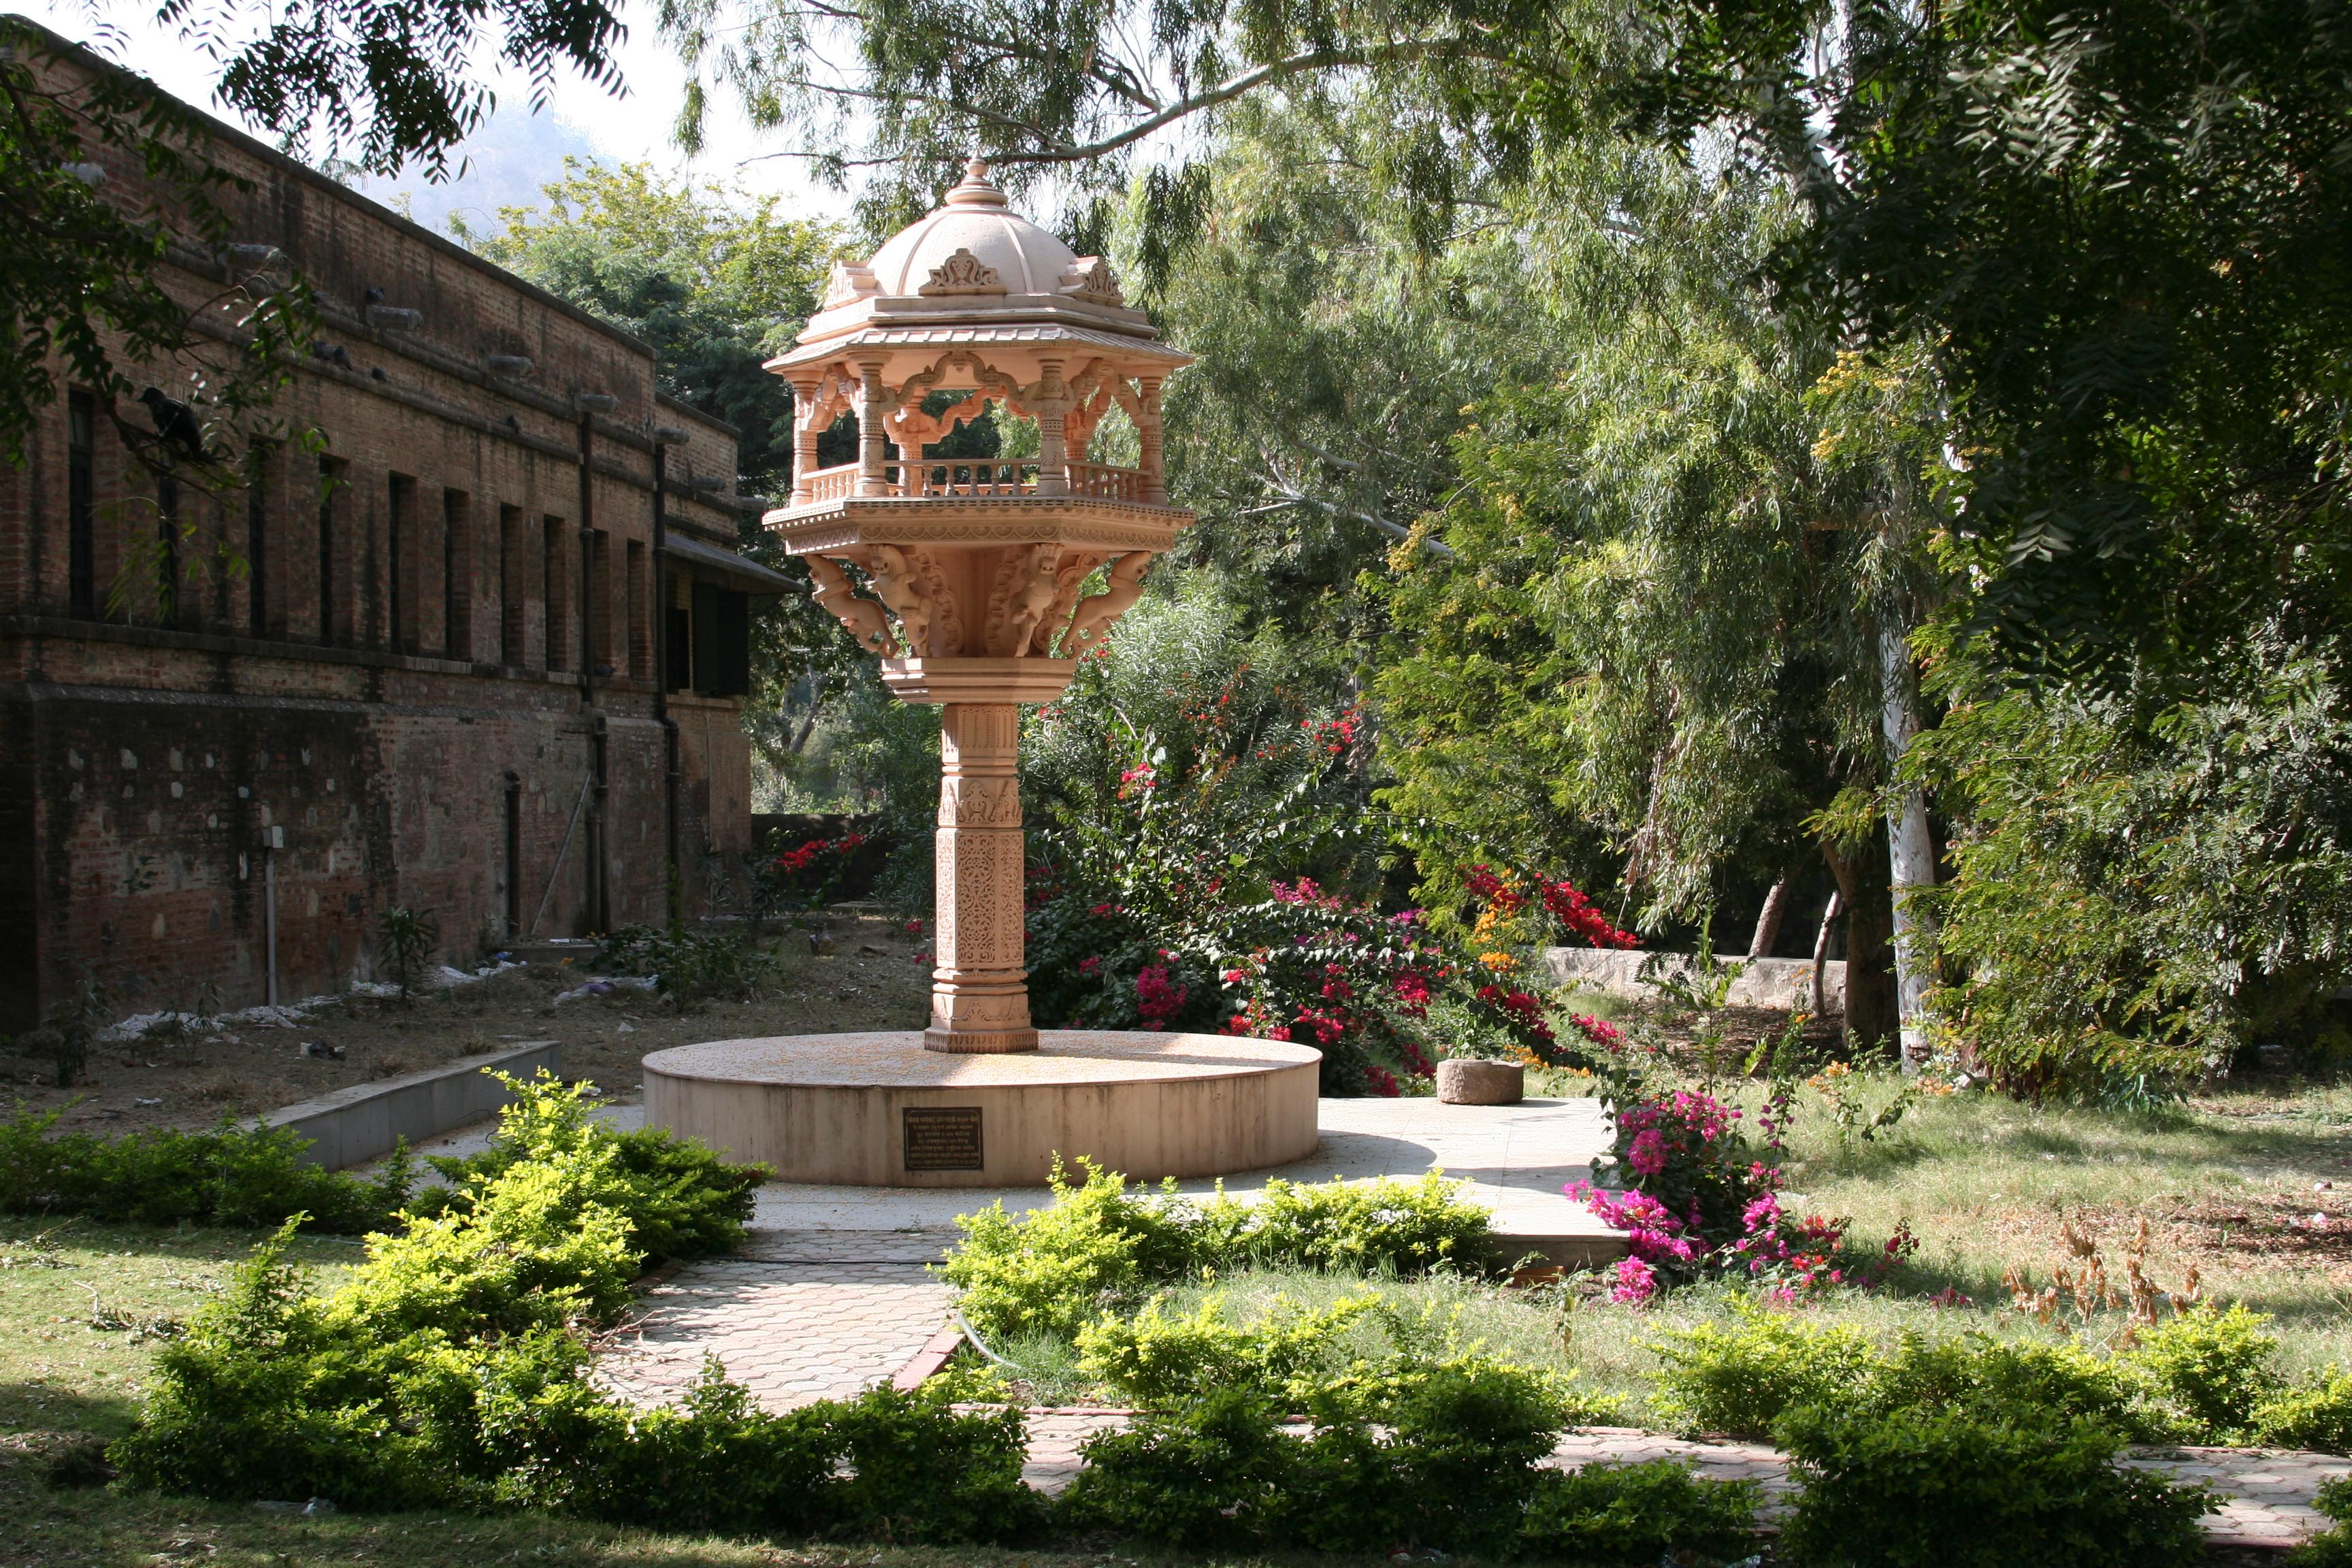 ranakpur_jain_temple_garden_2940_jpg_original.jpg